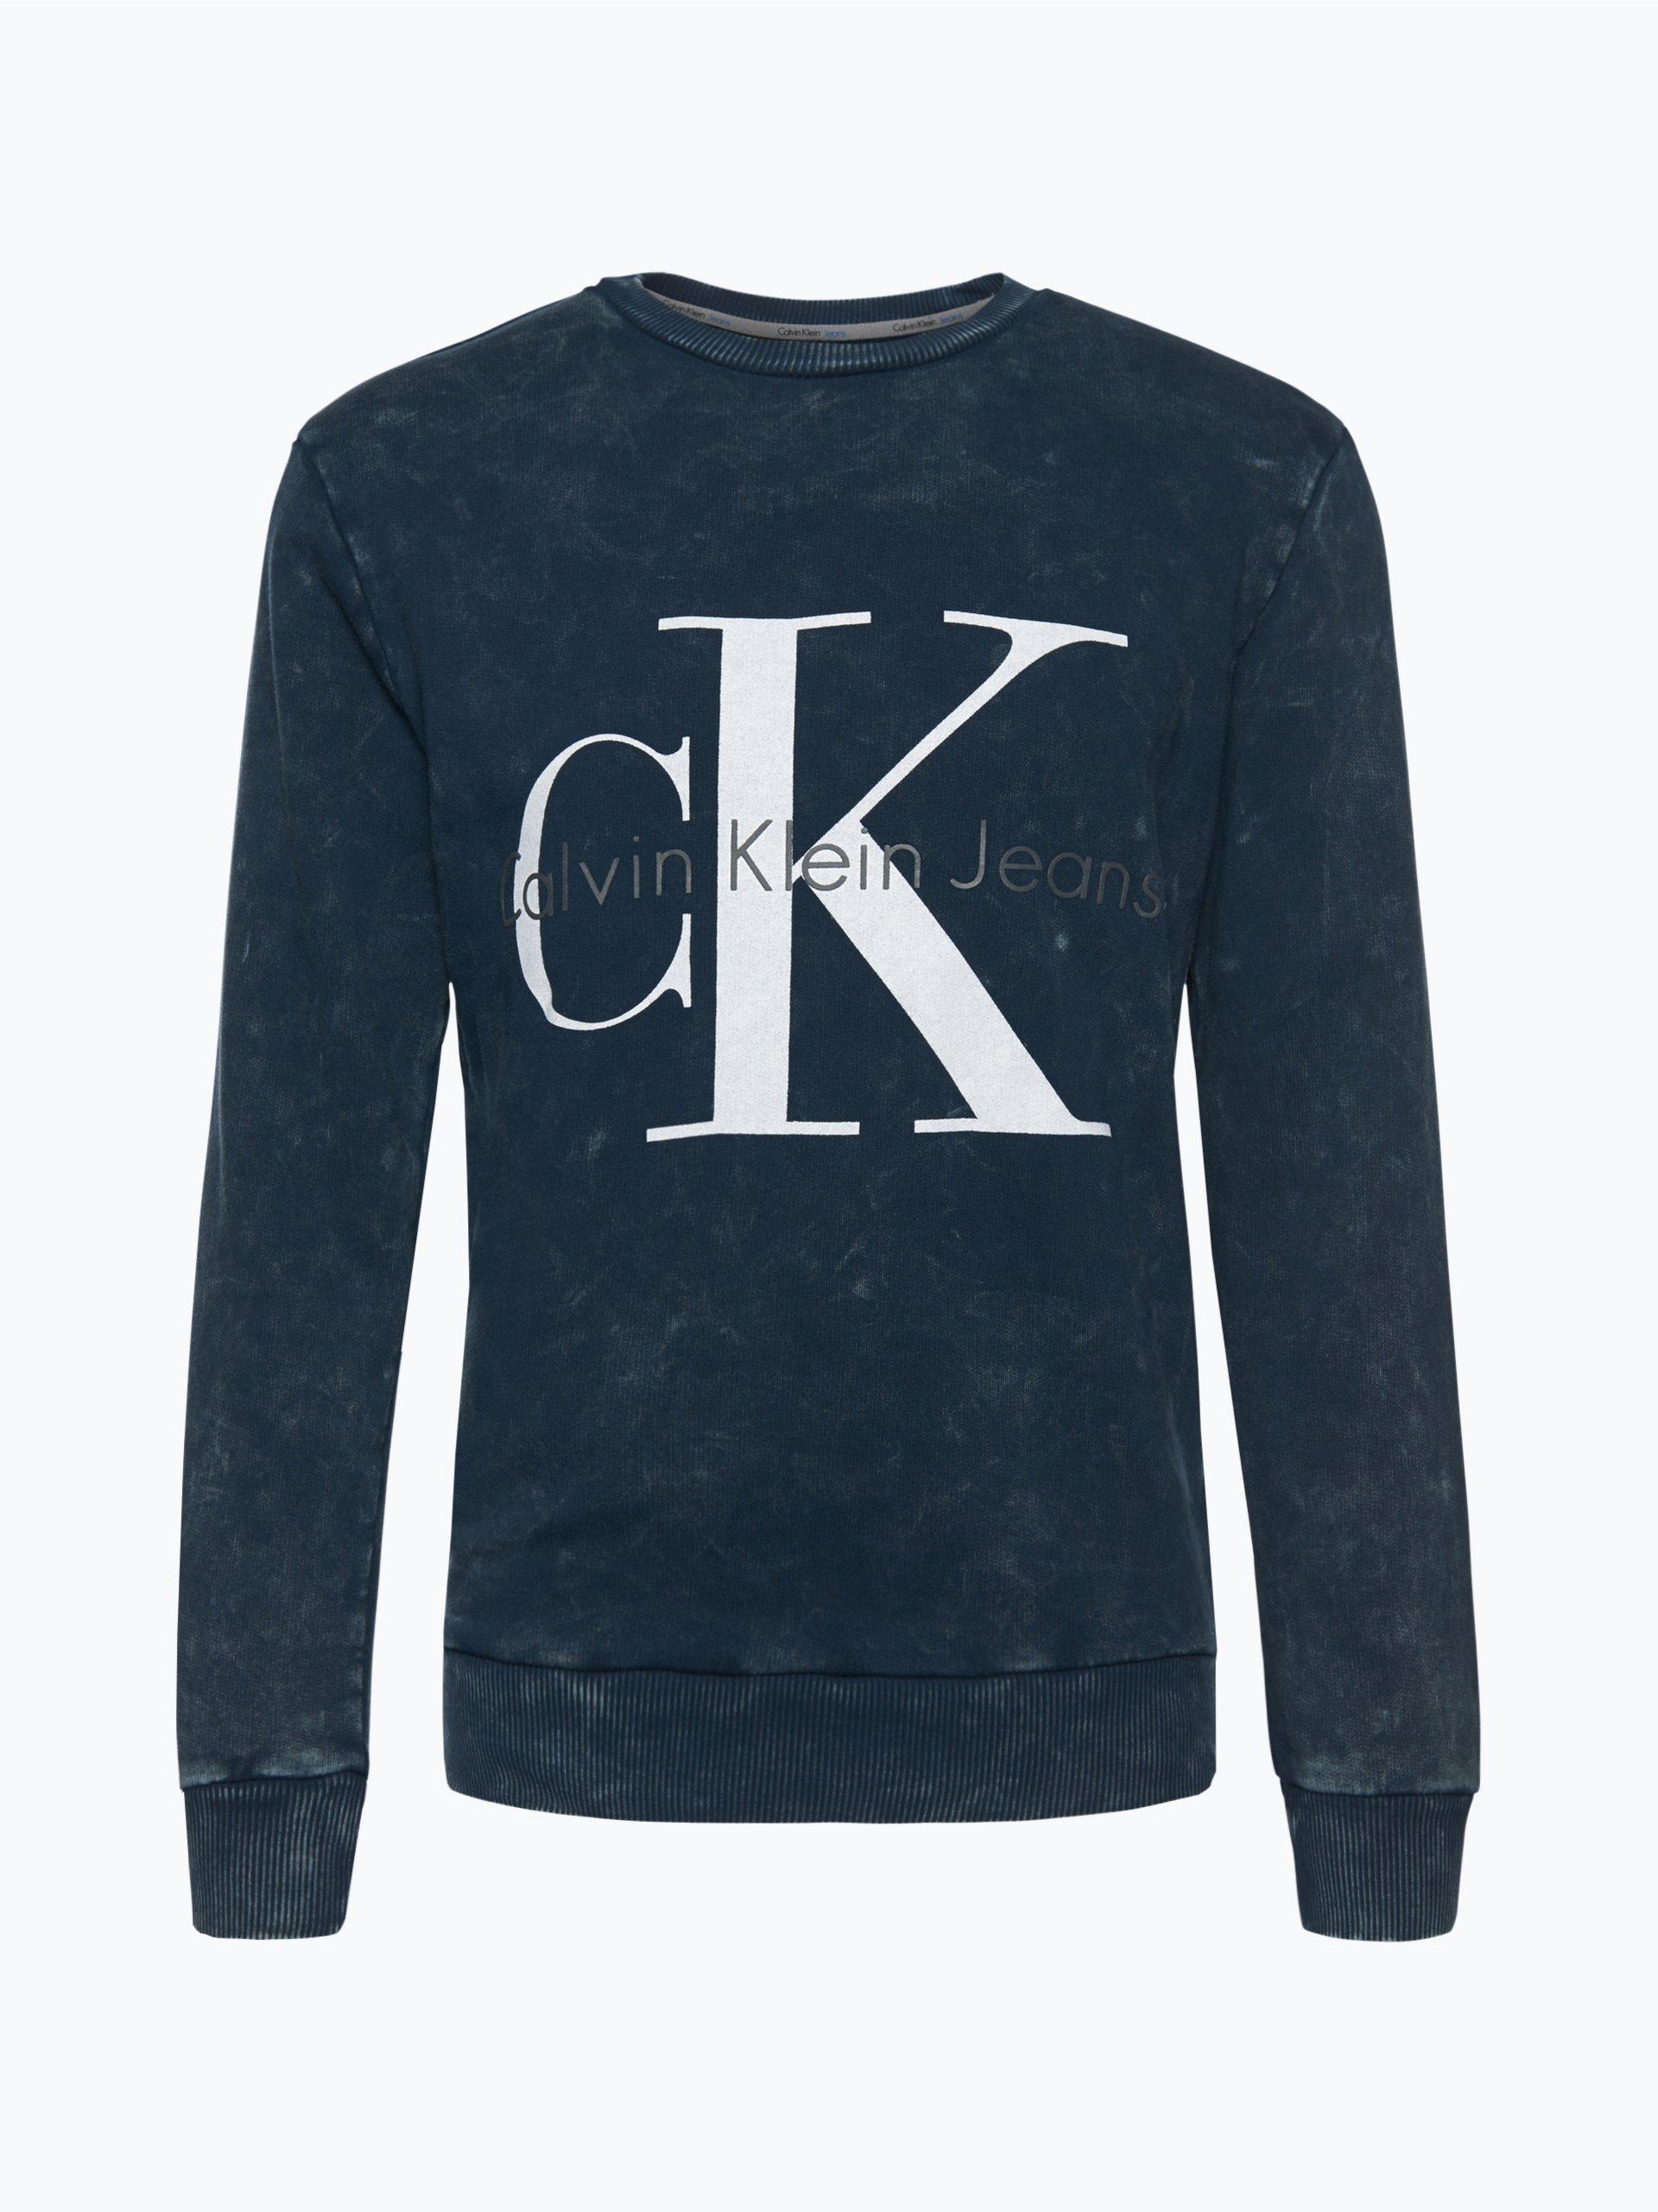 calvin klein jeans herren sweatshirt indigo bedruckt online kaufen vangraaf com. Black Bedroom Furniture Sets. Home Design Ideas